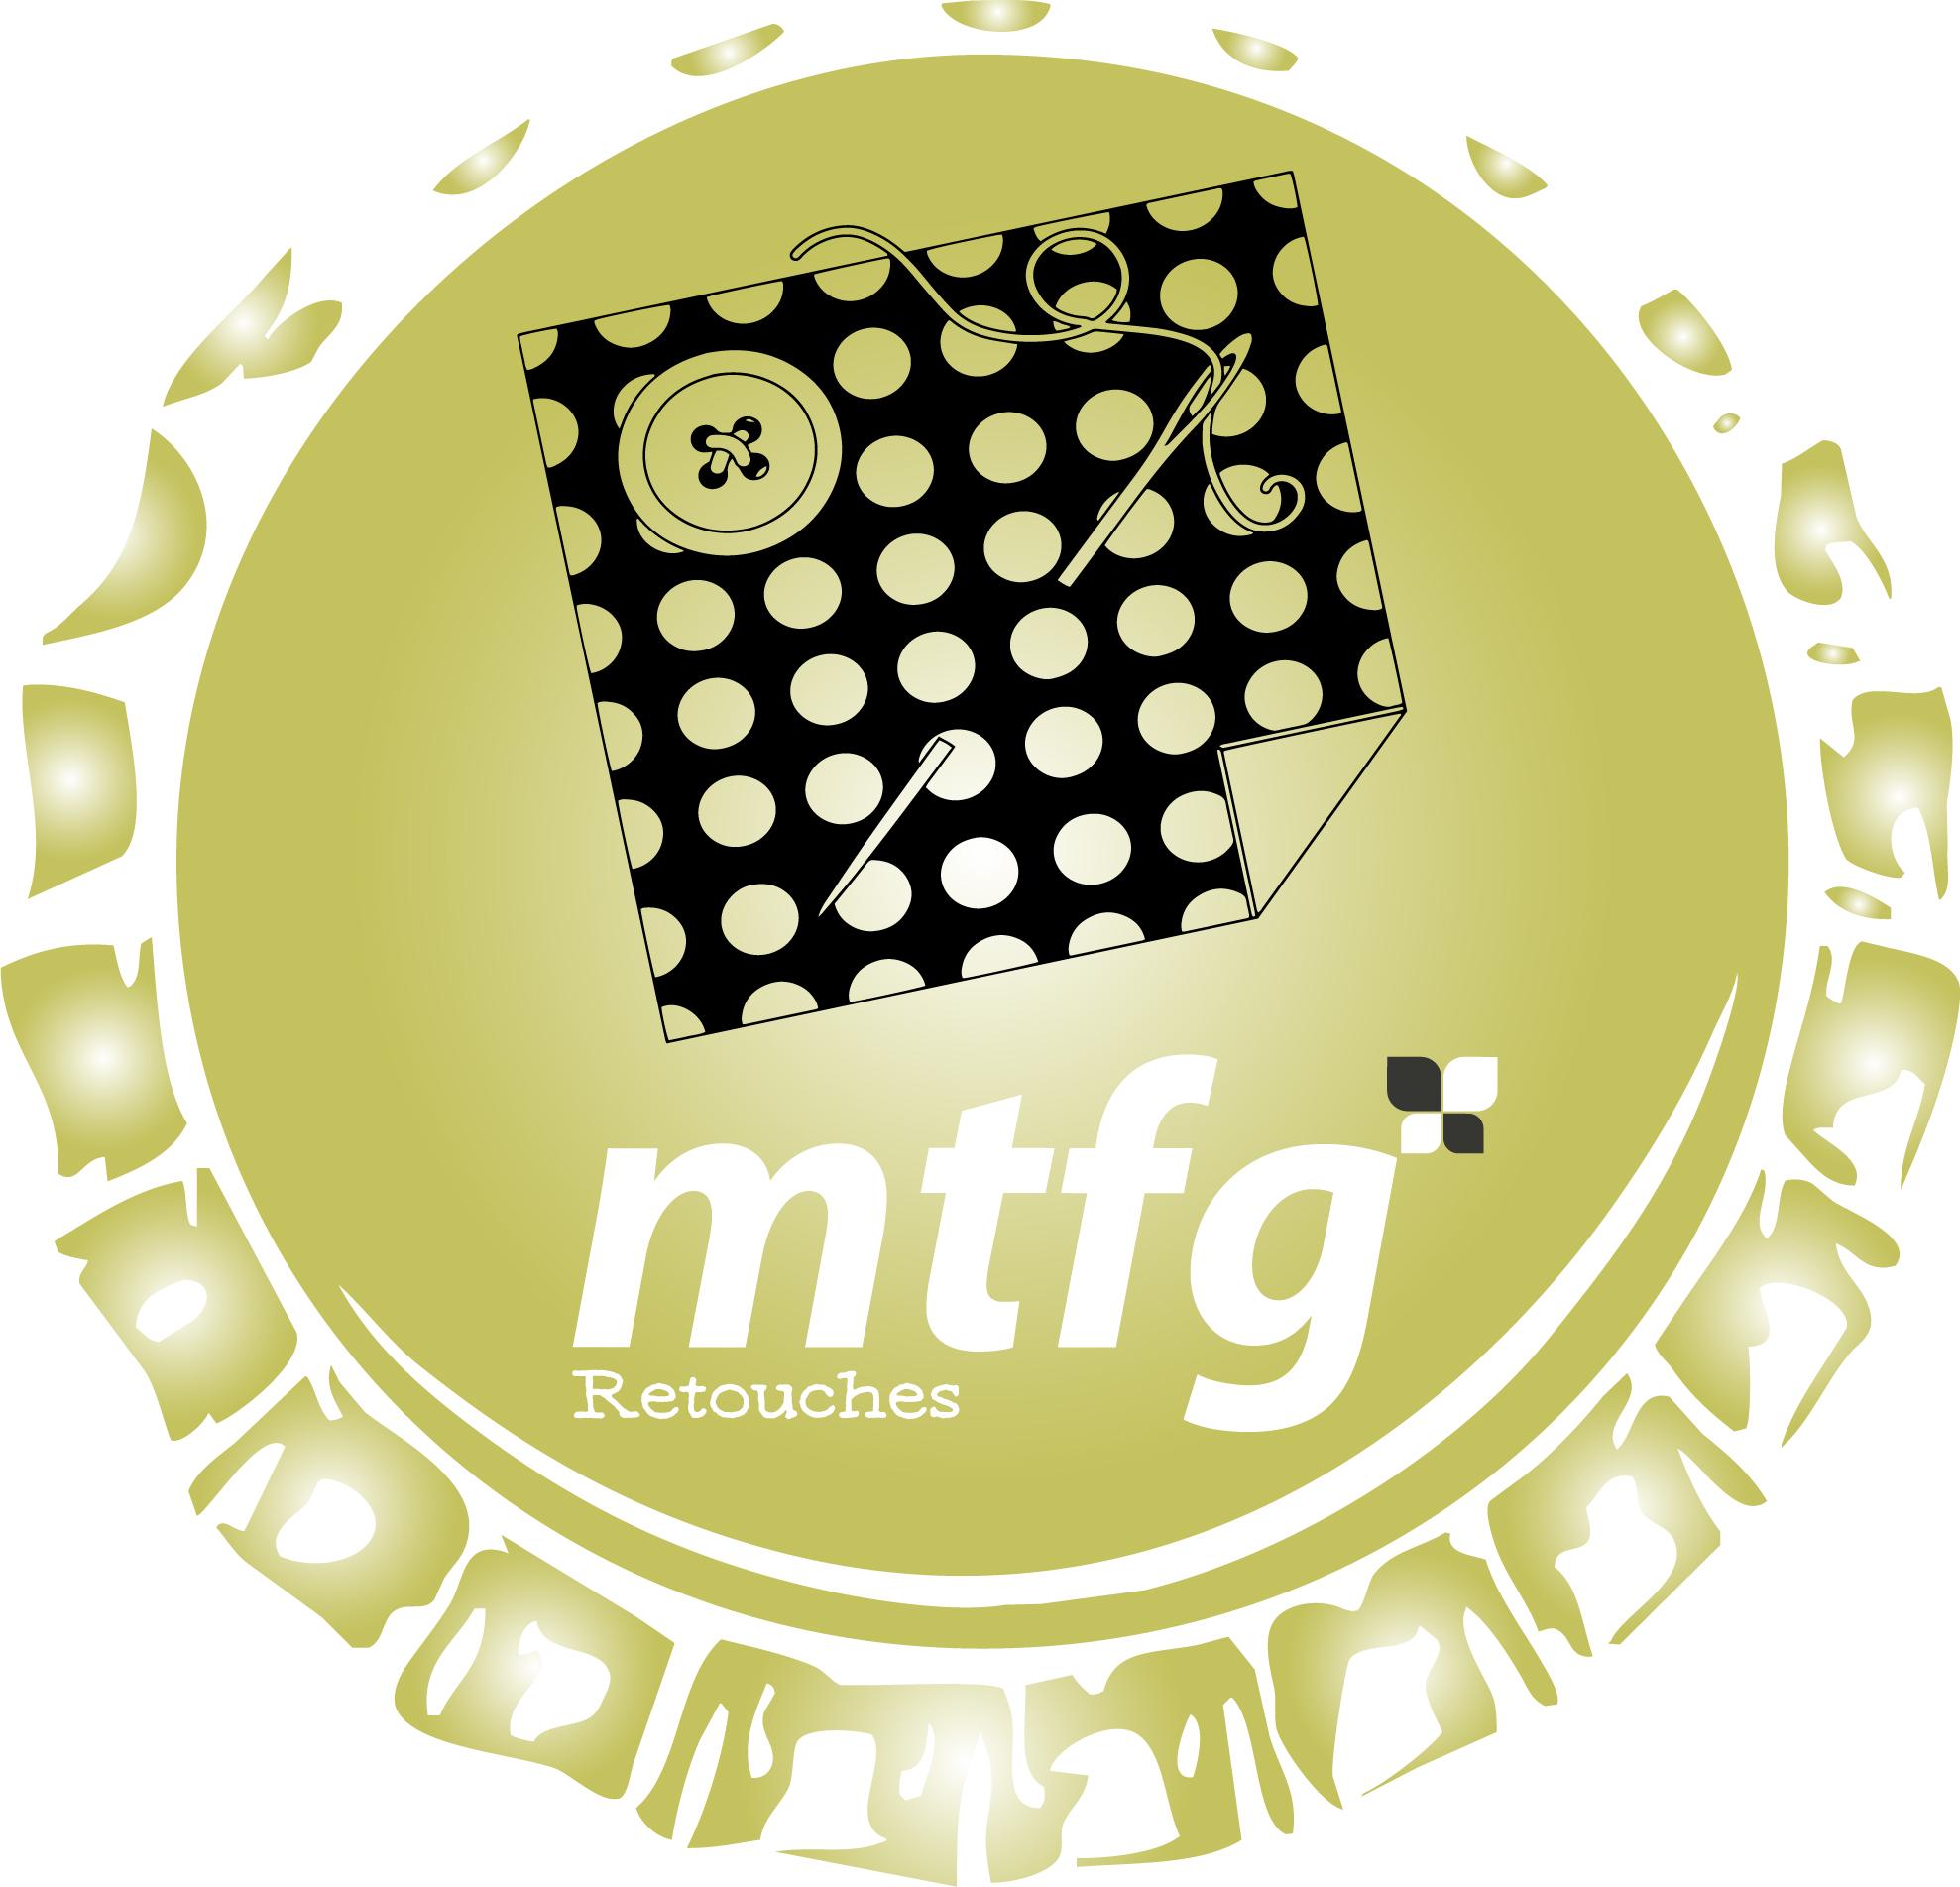 MTFG Retouches